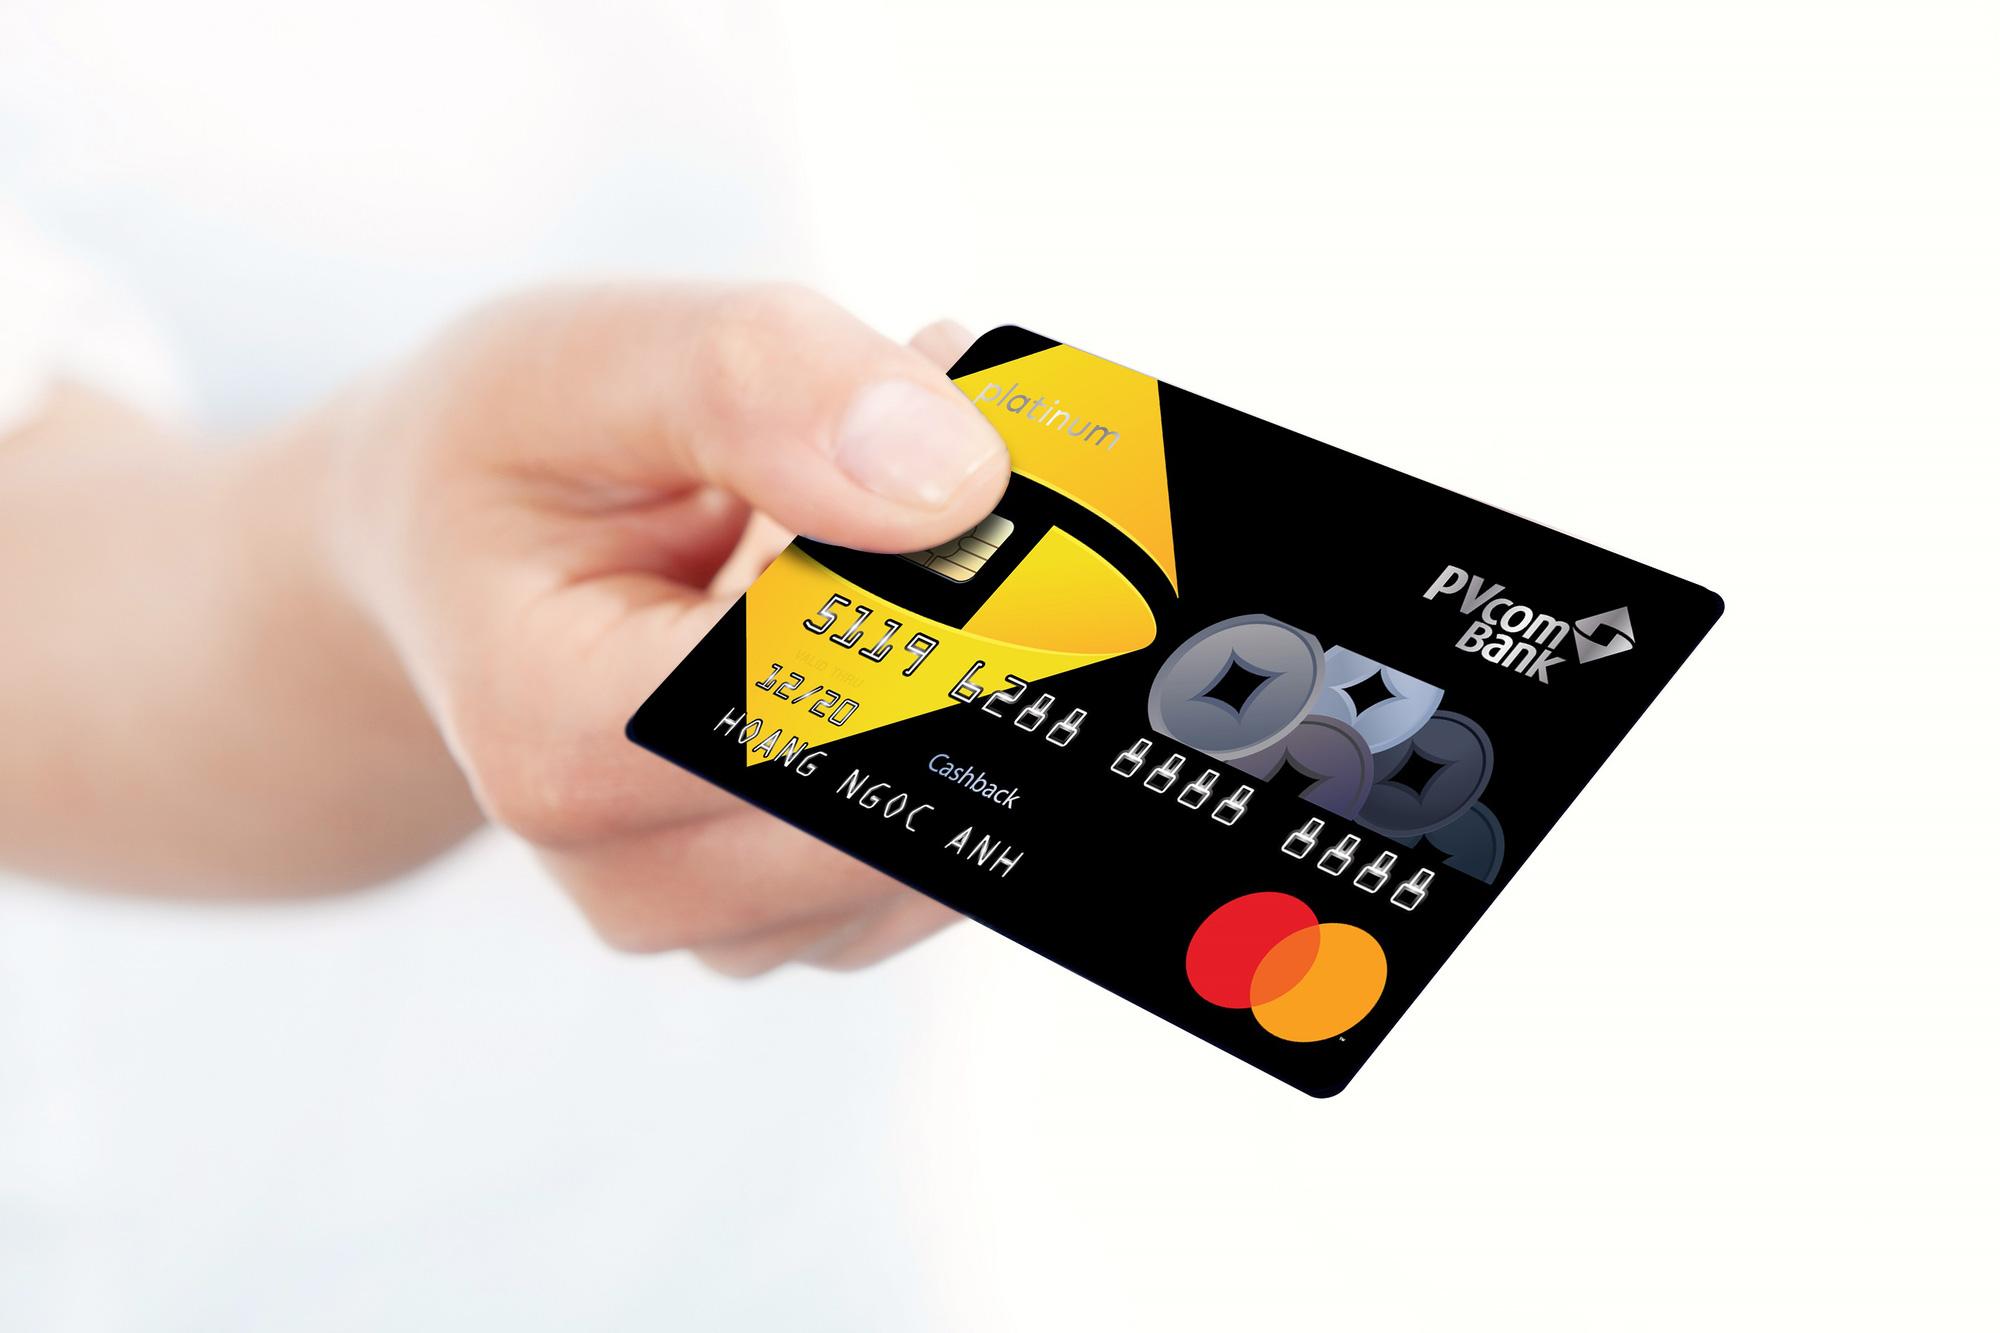 Thẻ PVcomBank Cashback tối ưu cho nhu cầu chi tiêu về y tế, giáo dục - Ảnh 1.